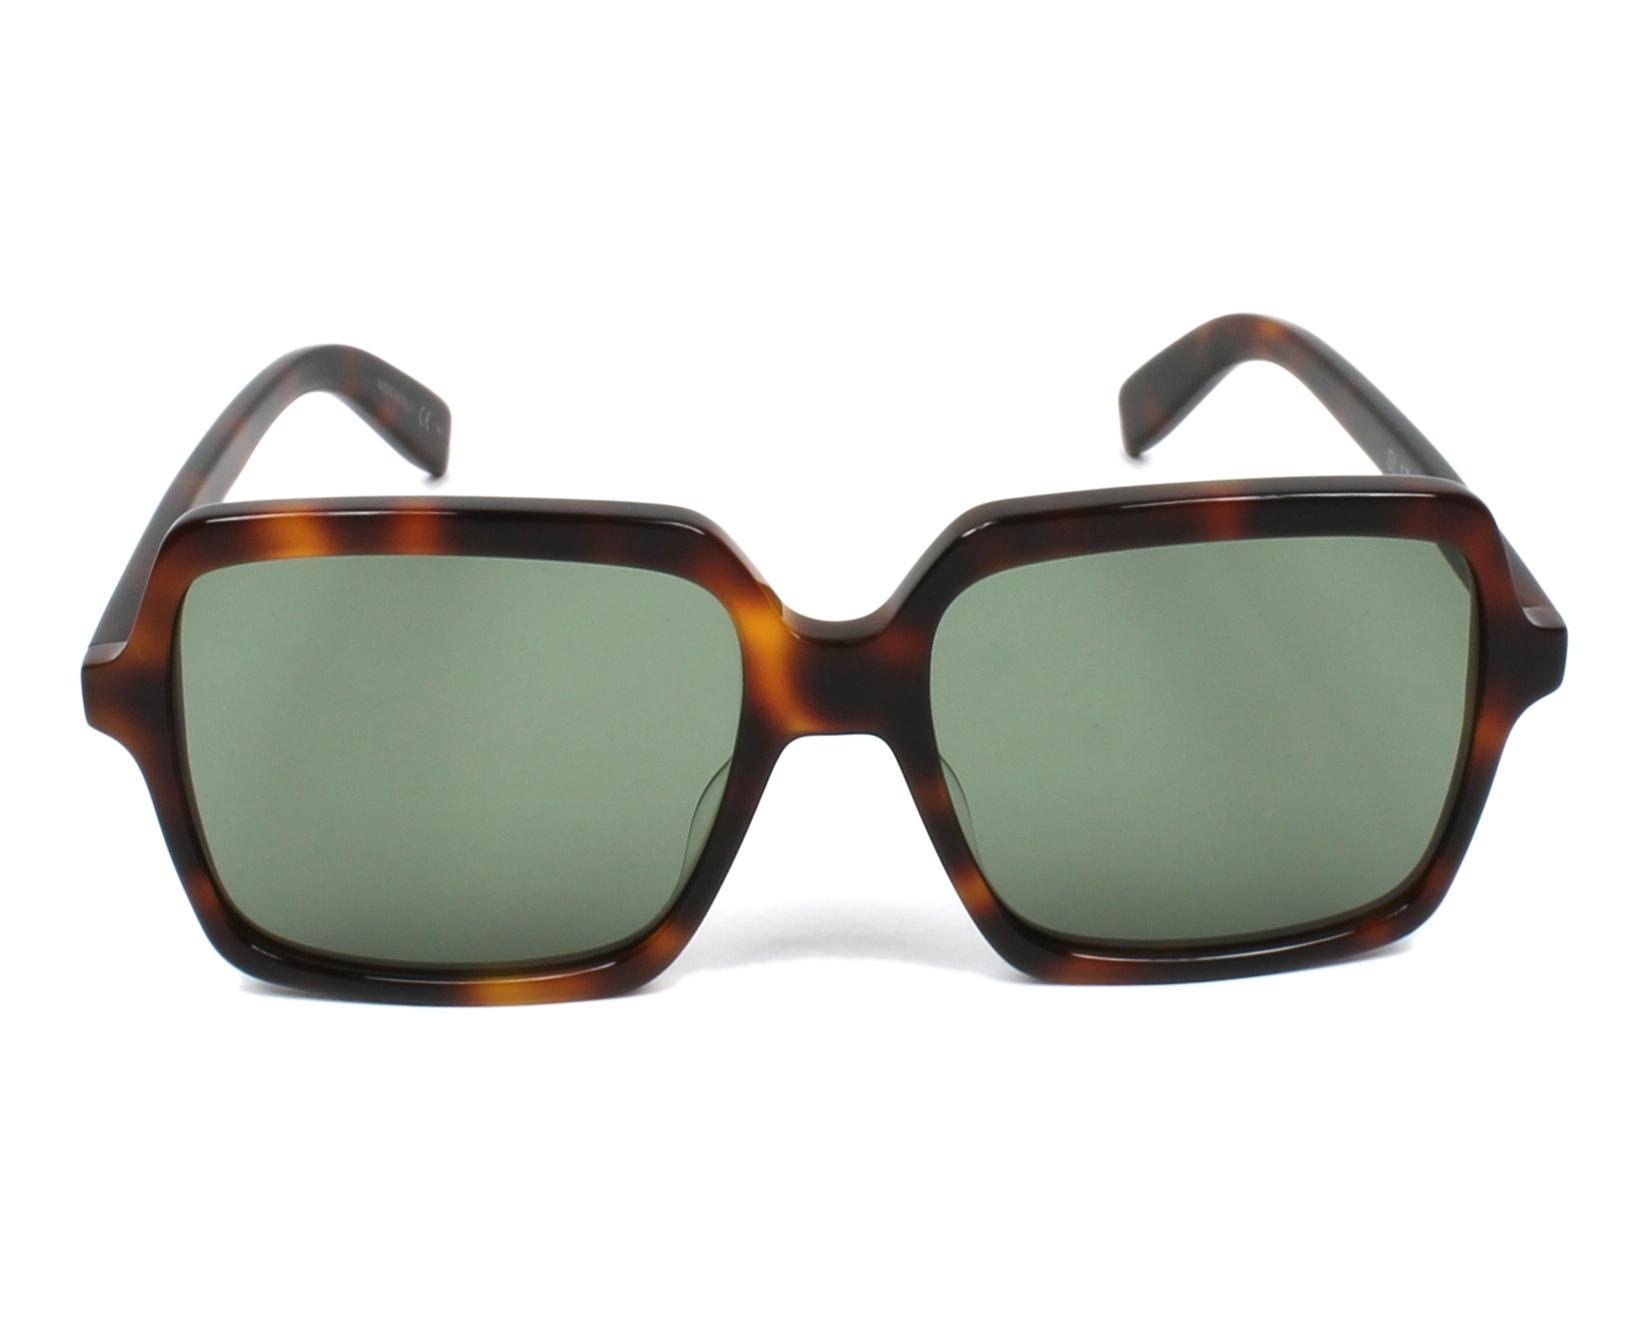 154a639c717 Sunglasses Yves Saint Laurent SL-174 002 56-17 Havana front view